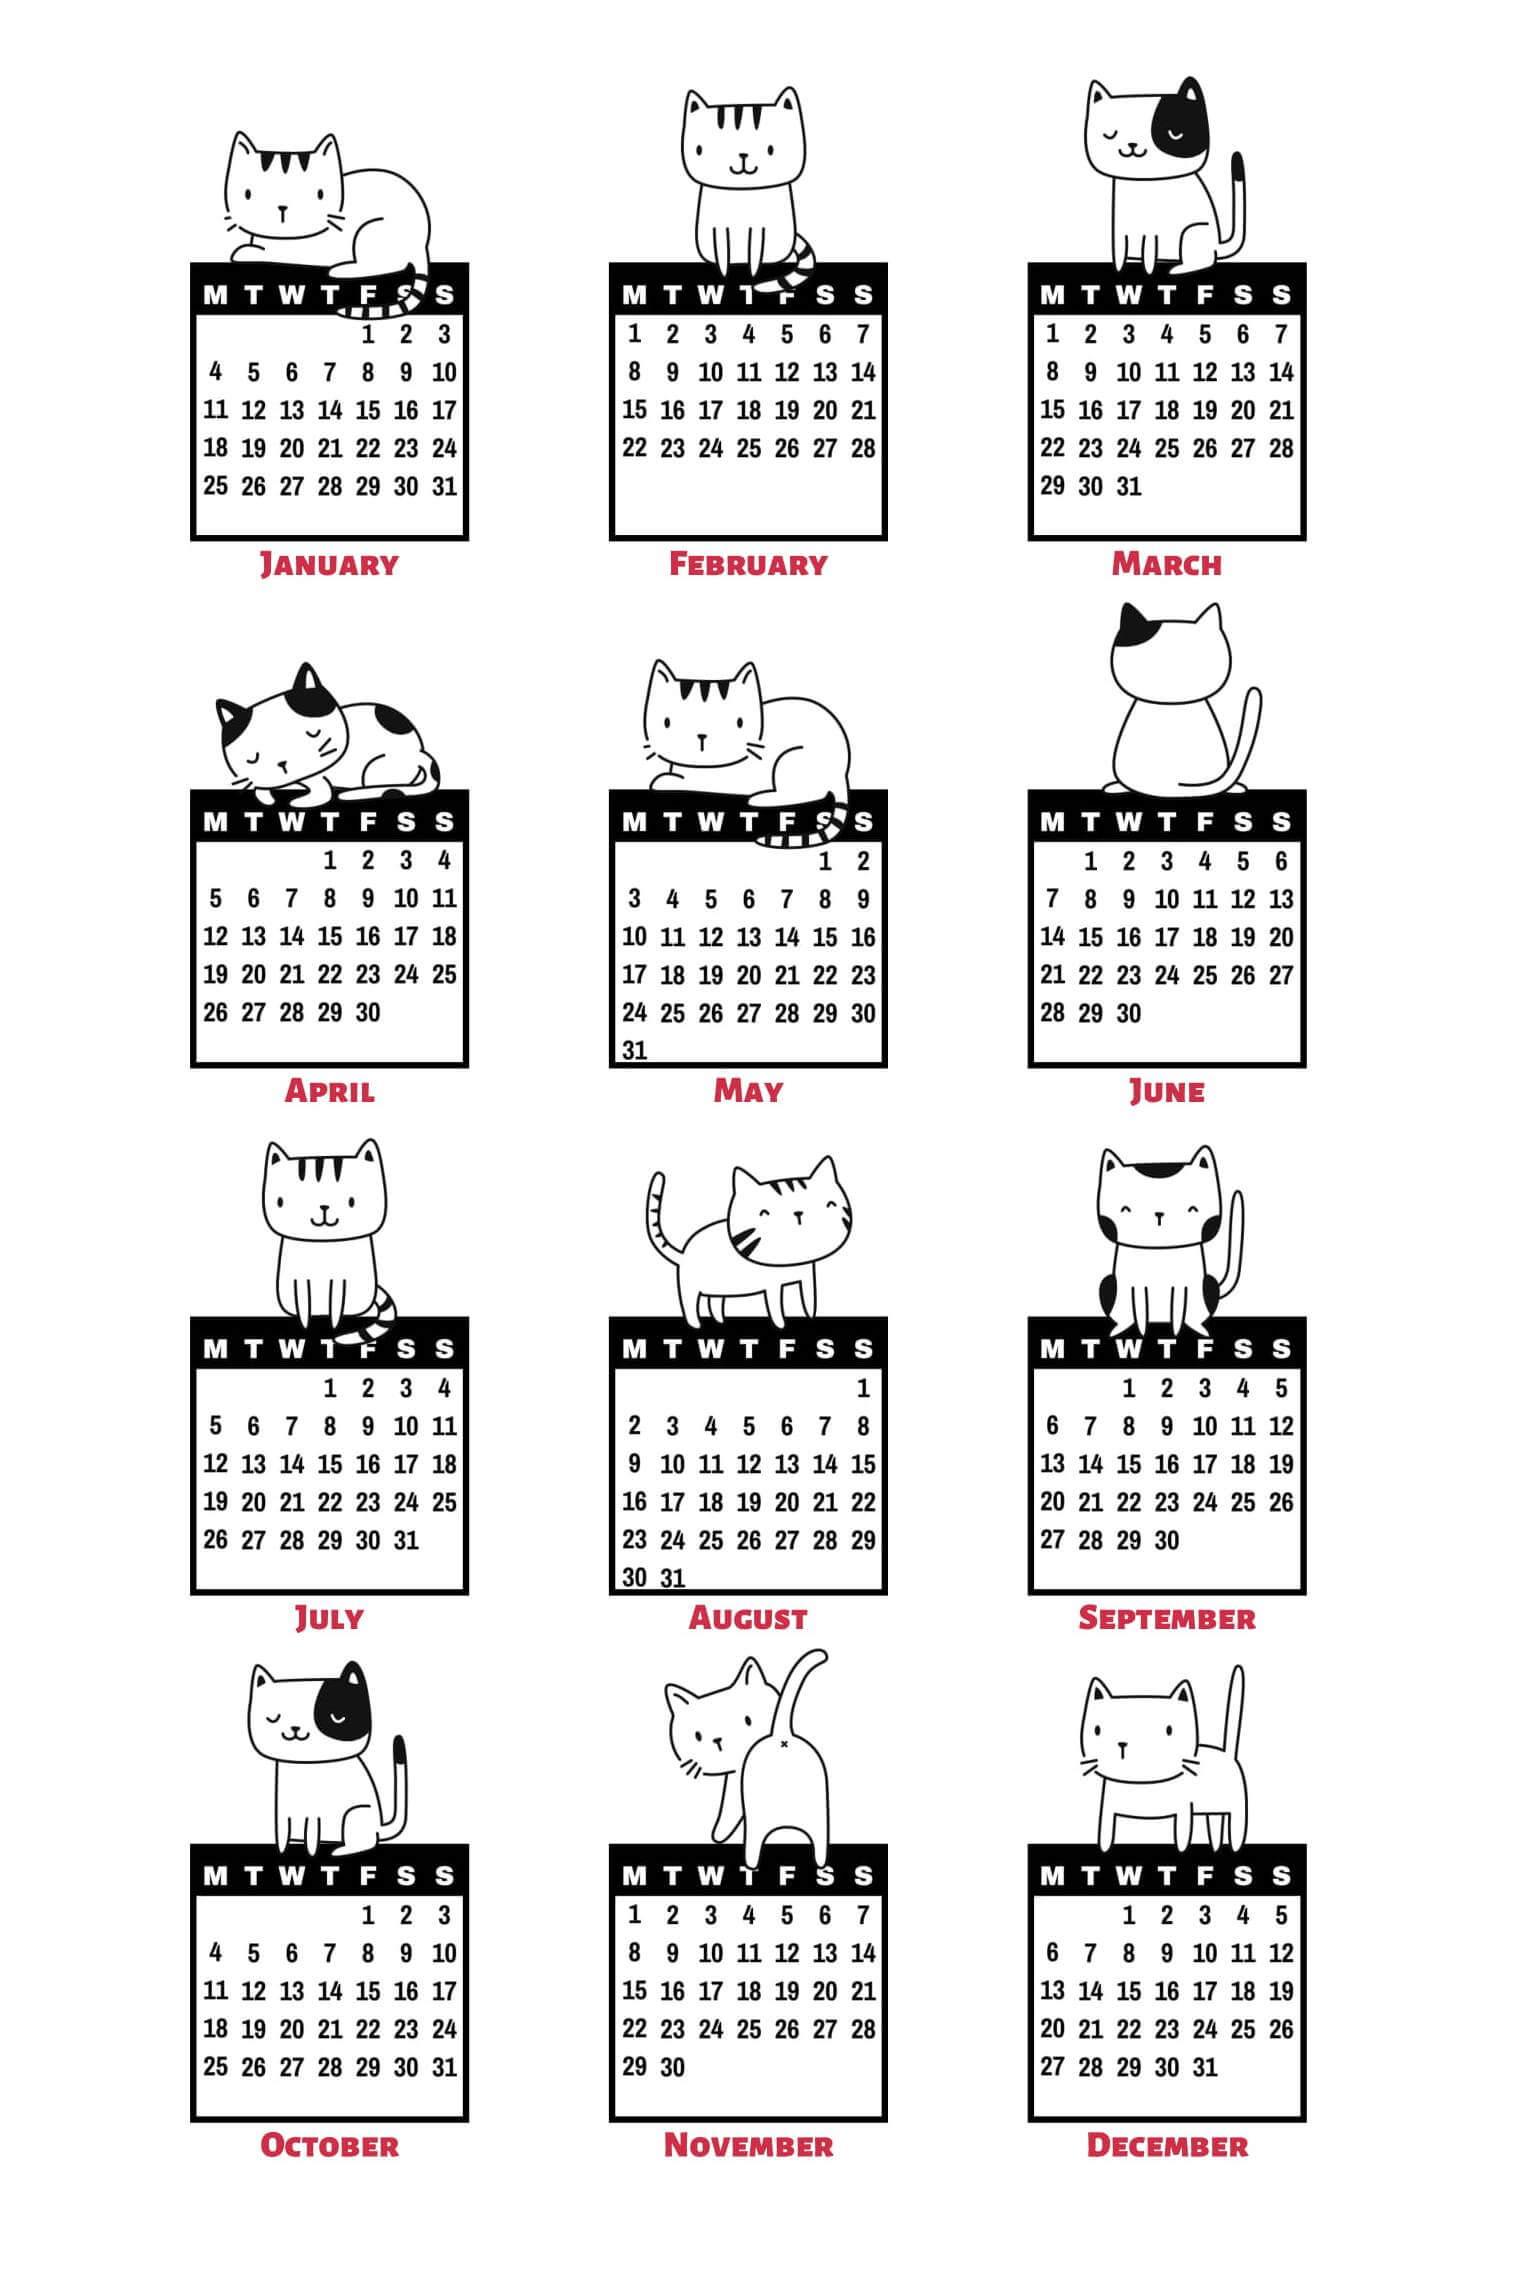 Full Year Calendar For 2021